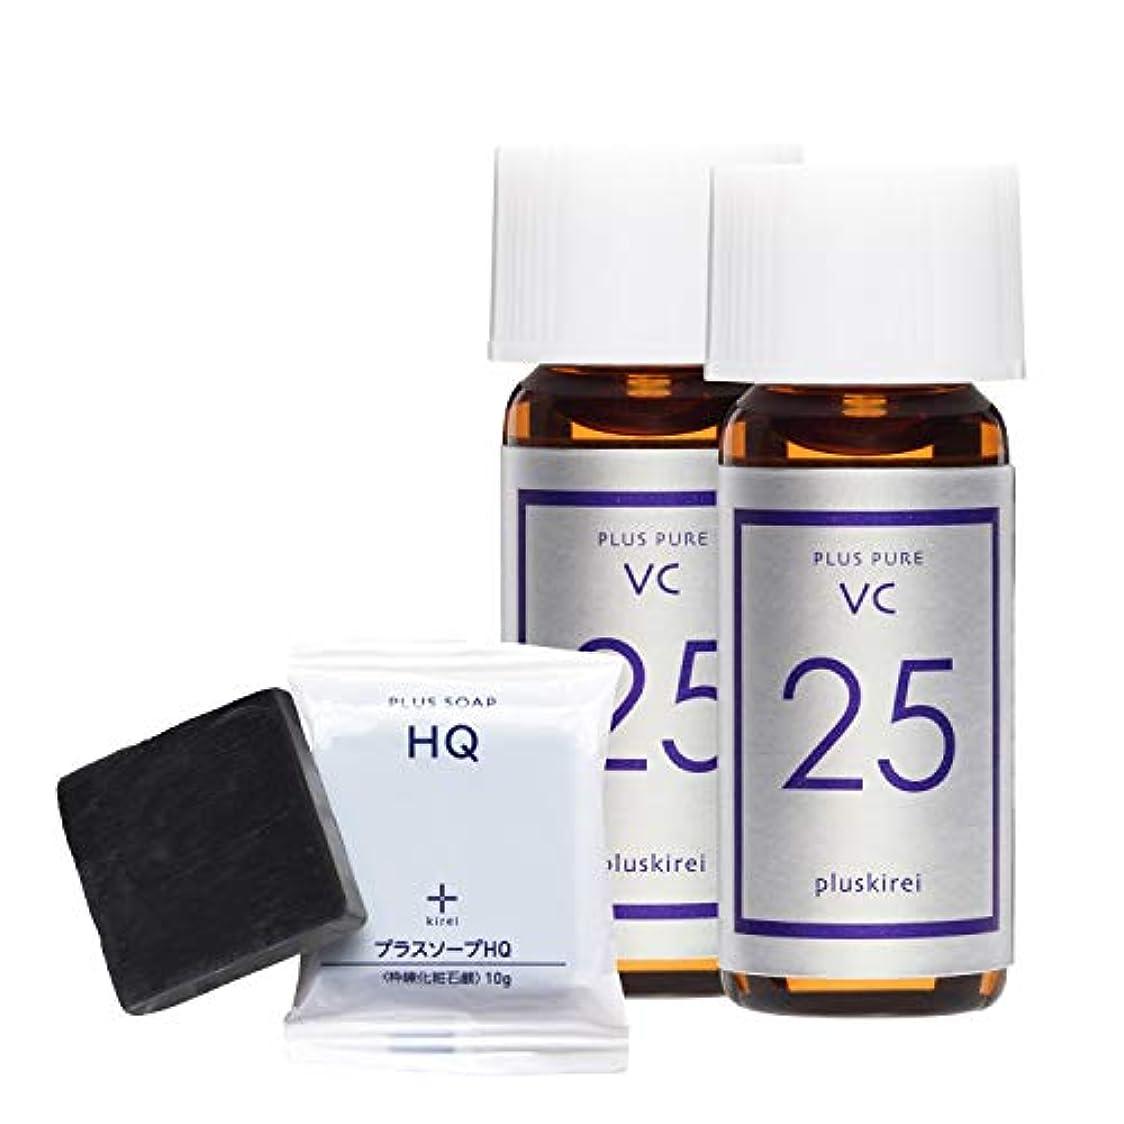 不毛のインシュレータ名前でビタミンC 美容液 プラスキレイ プラスピュアVC25 ピュアビタミンC25%配合 両親媒性美容液 (2mL(1週間お試し)2本+ミニソープ)